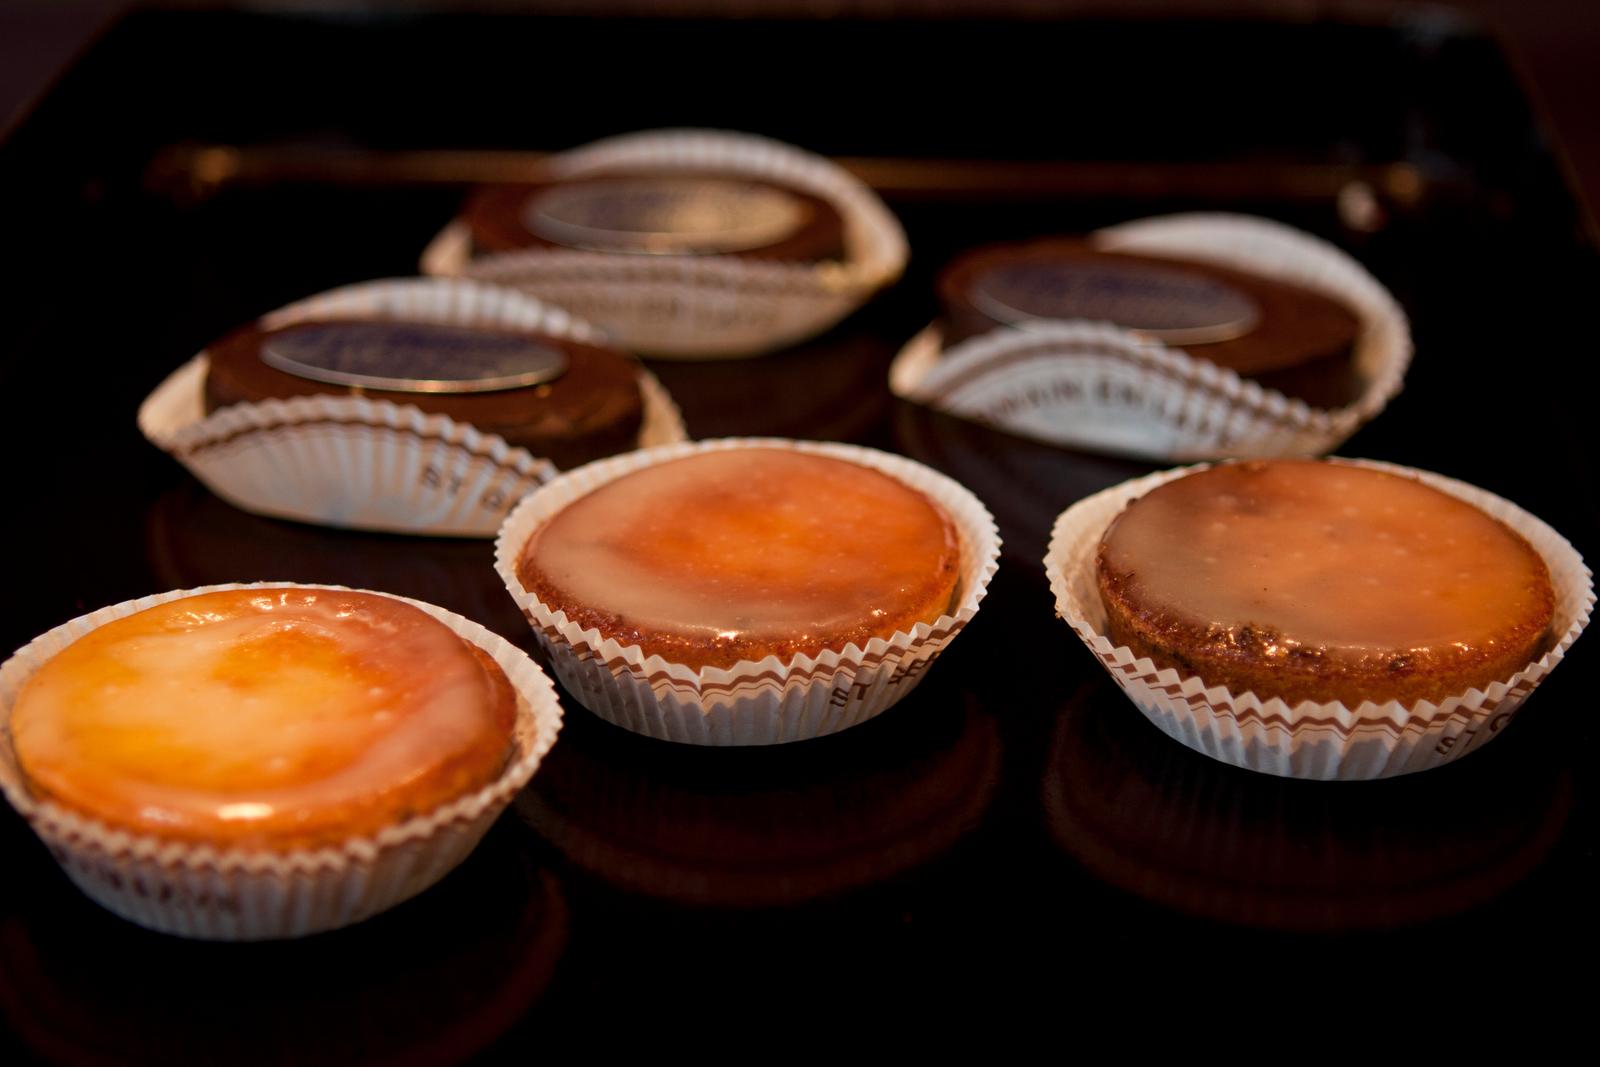 Pâtisserie Grandin Pâtisserie Grandin